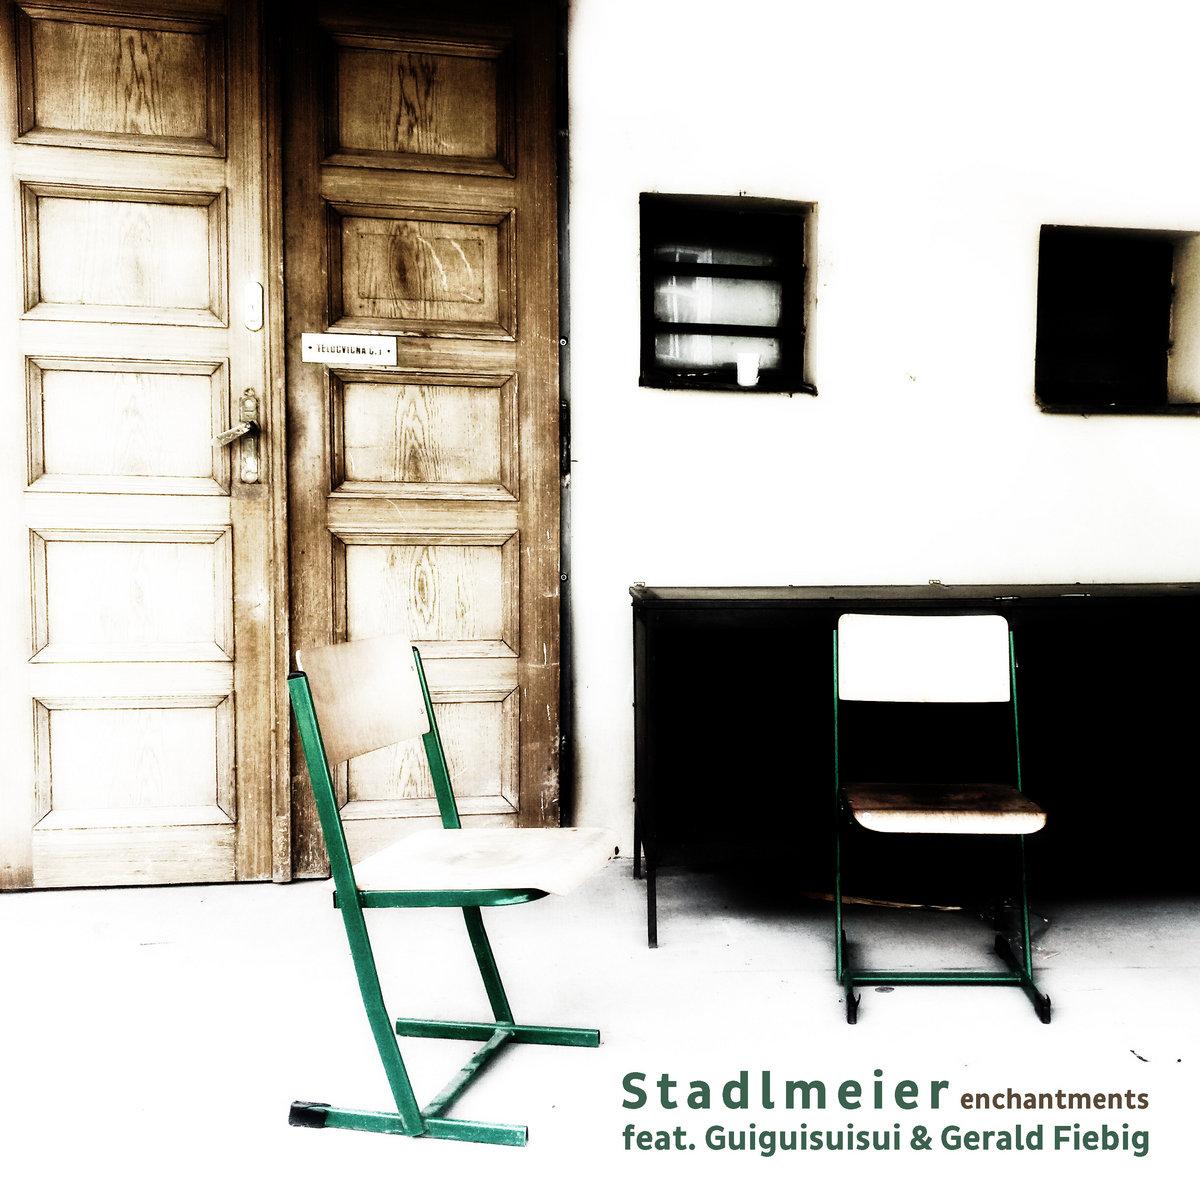 Stadlmeier feat. Guiguisuisui & Gerald Fiebig – enchantments